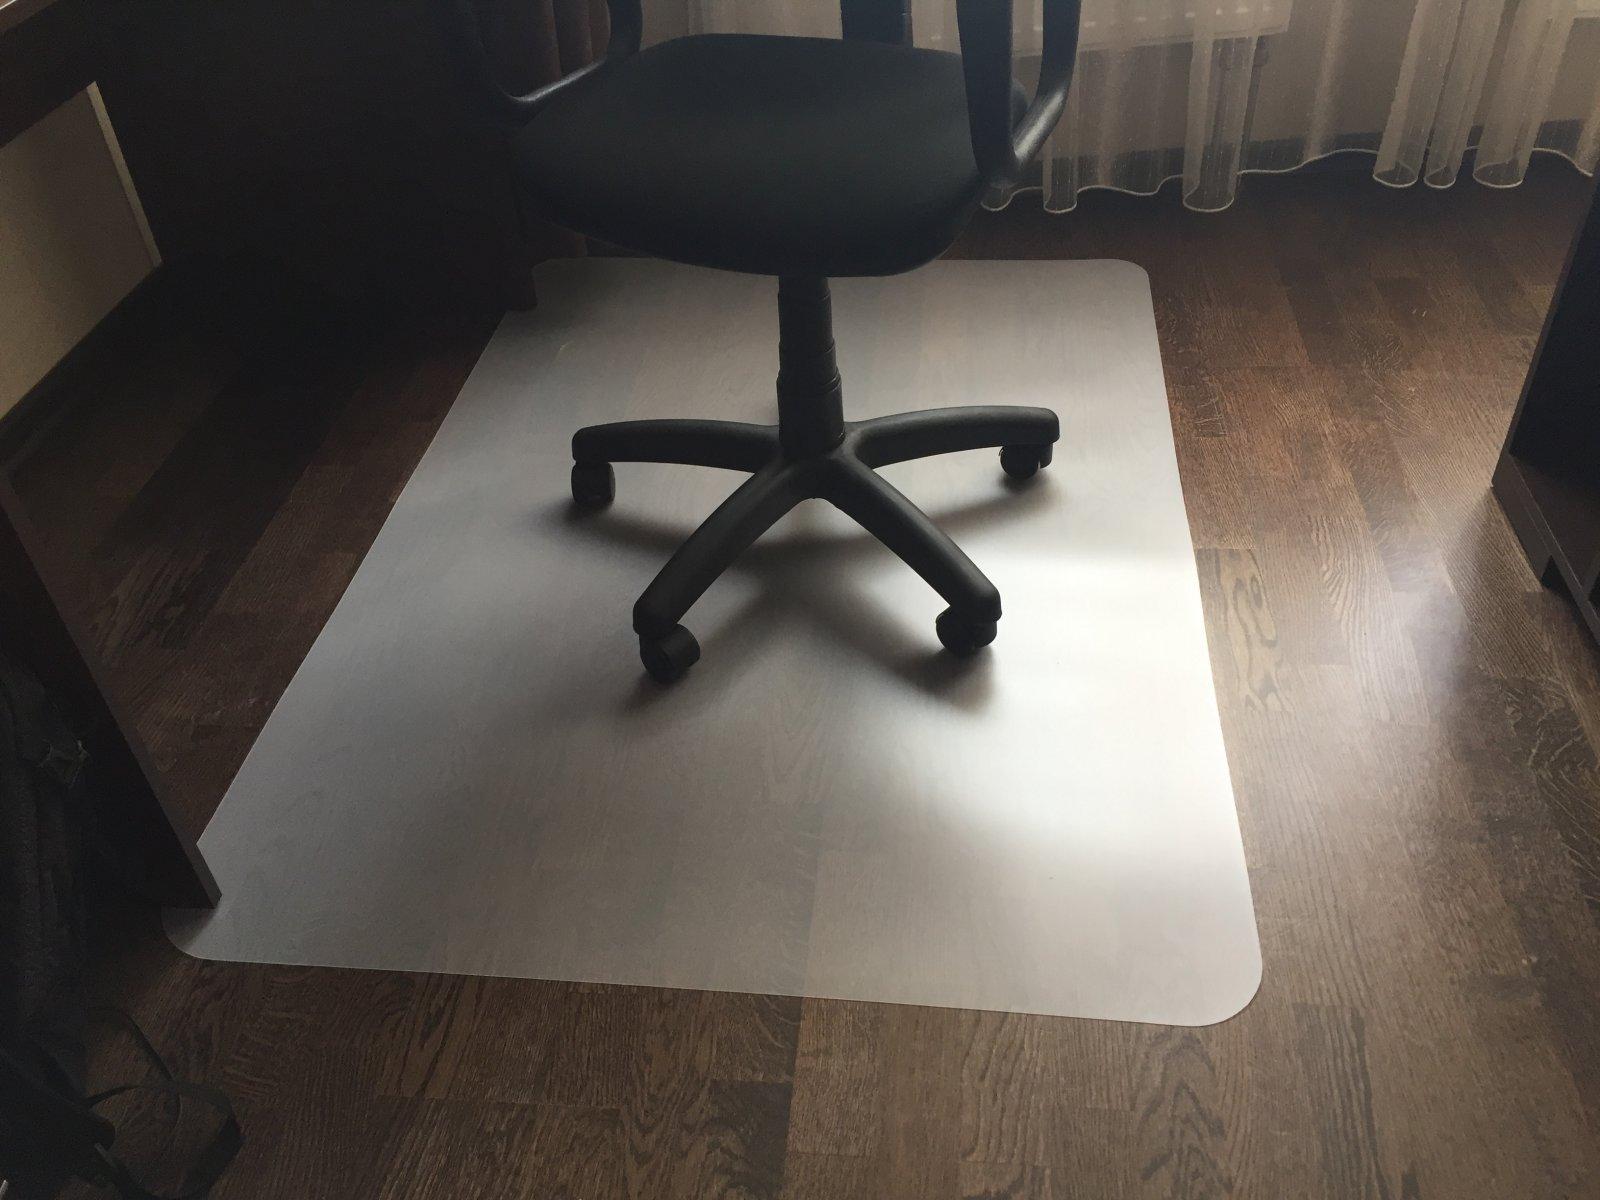 Фото - Защитный коврик под кресло